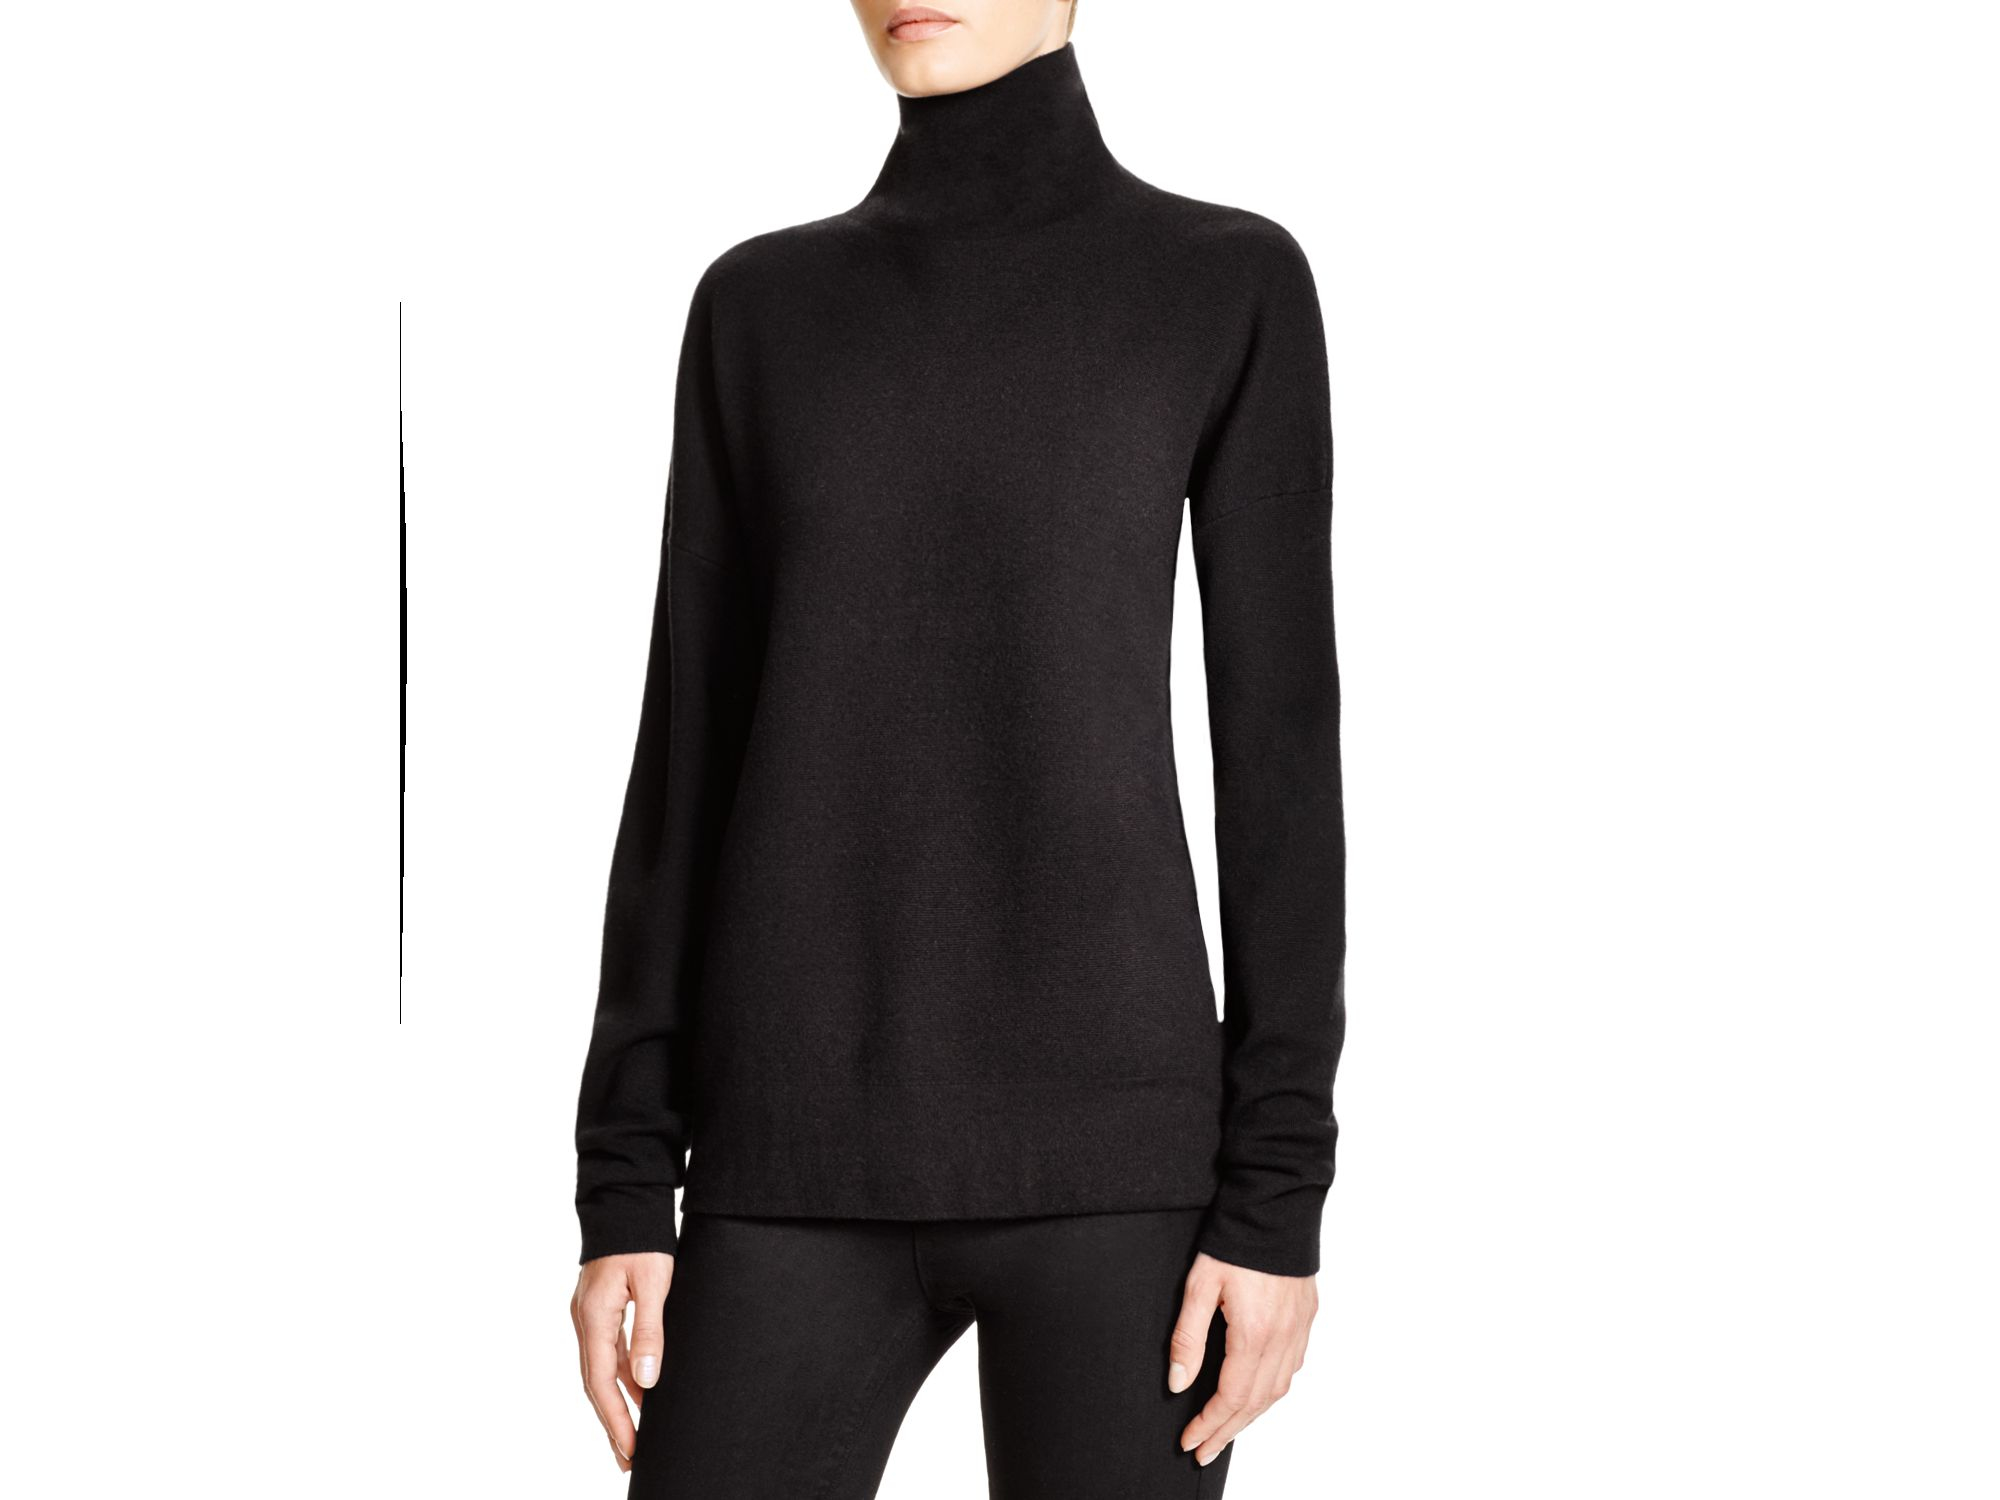 feb539b7796 Lyst - Dkny Turtleneck Sweater in Black